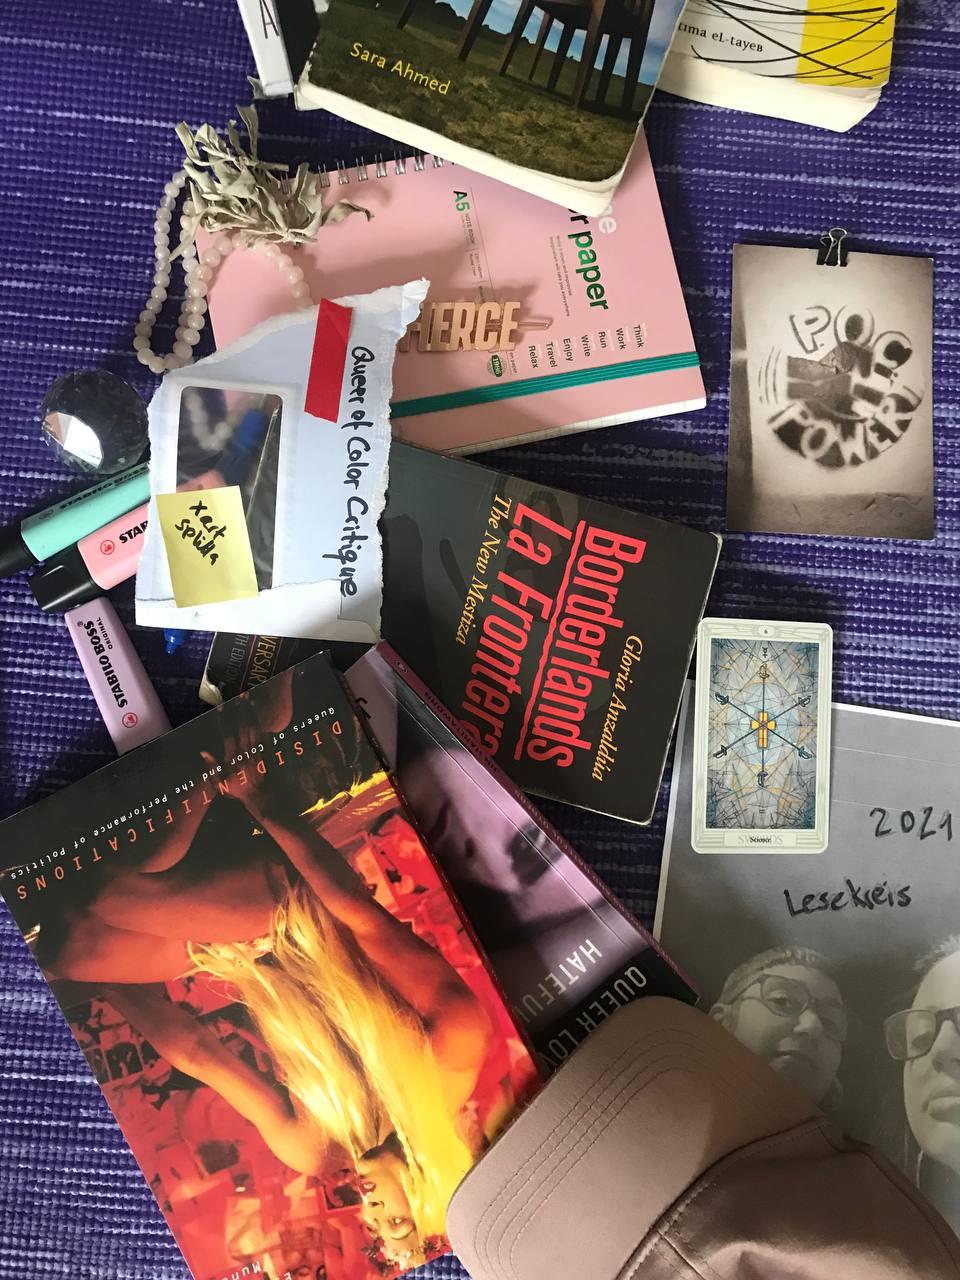 Foto von Büchern, die im Lesekreis besprochen werden, Stiften, Bildern und anderen Gegenständen